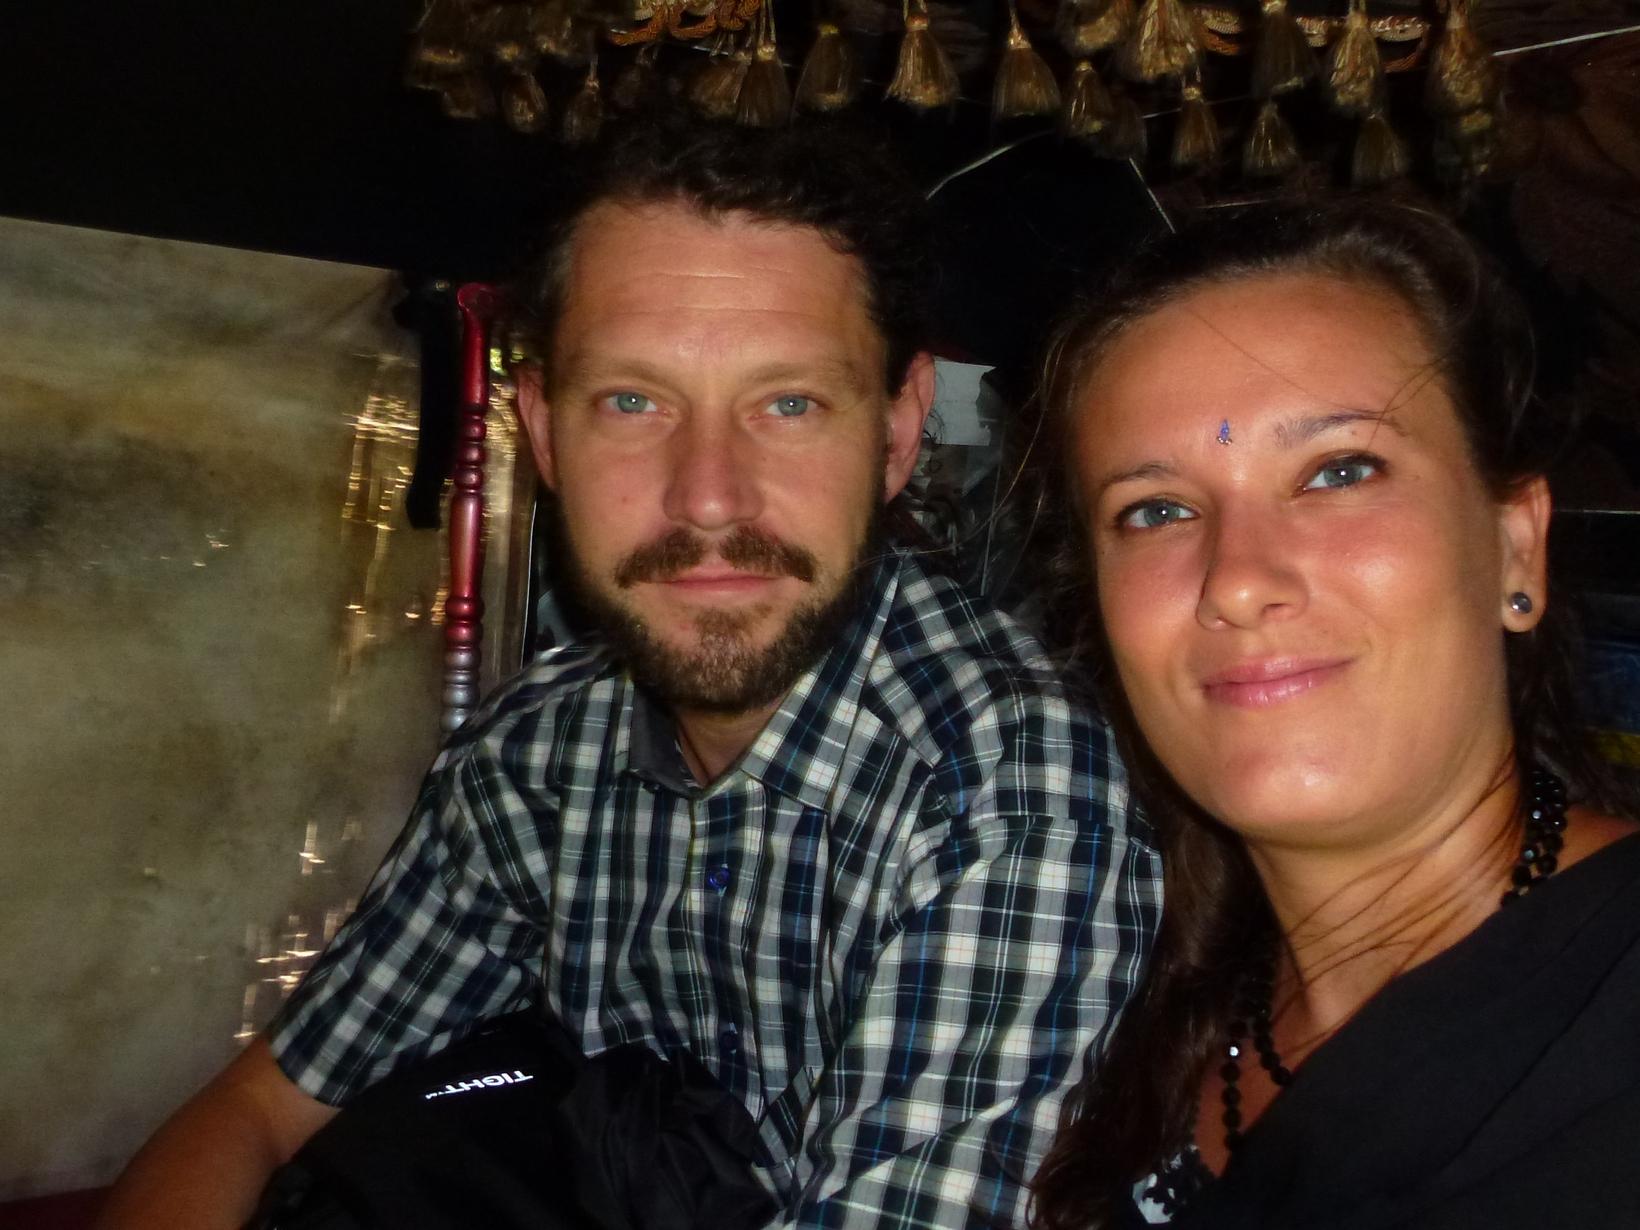 Tilde andrea & Rasmus bo from Frederiksberg, Denmark